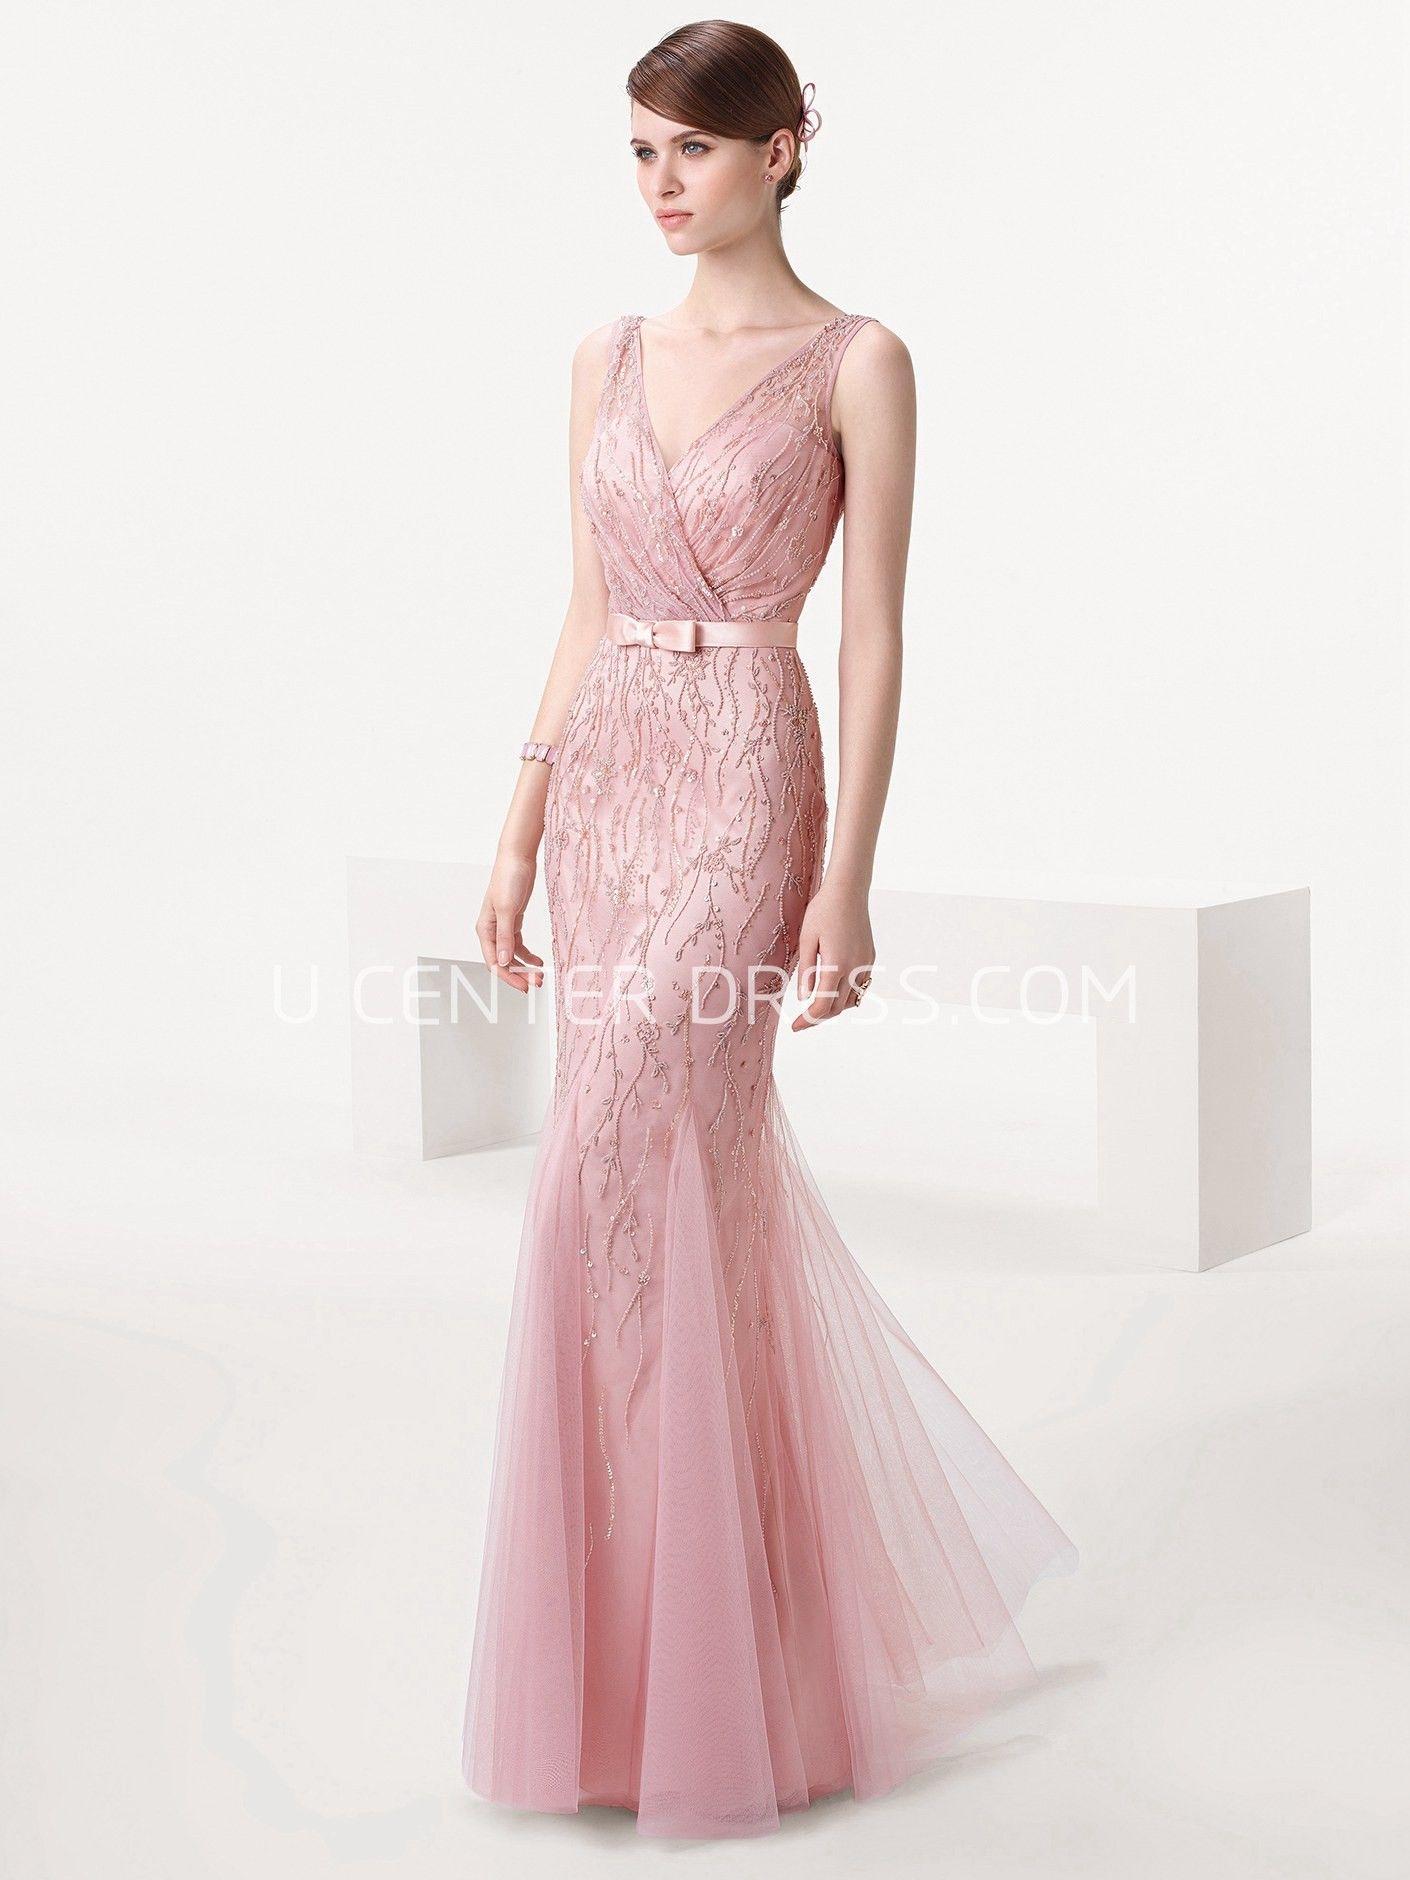 Sheath Sleeveless Floor-Length Beaded V-Neck Tulle Prom Dress ...